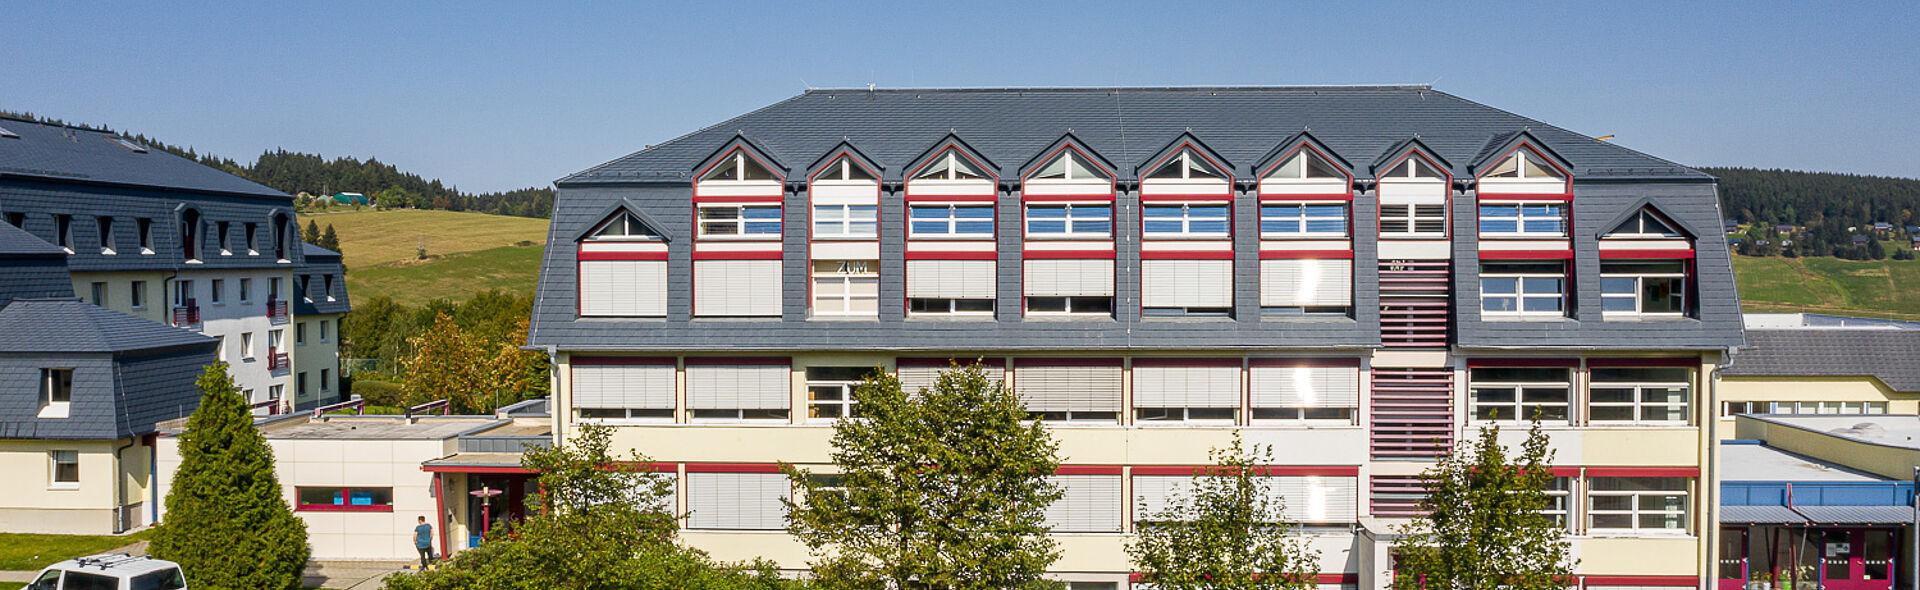 Eliteschule Oberwiesenthal Gymnasium Sportinternat Ausbildungszentrum Alpin Biathlon Rennschlitten Nordische Kombination Skilanglauf Skisprung Sportinternat Oberschule